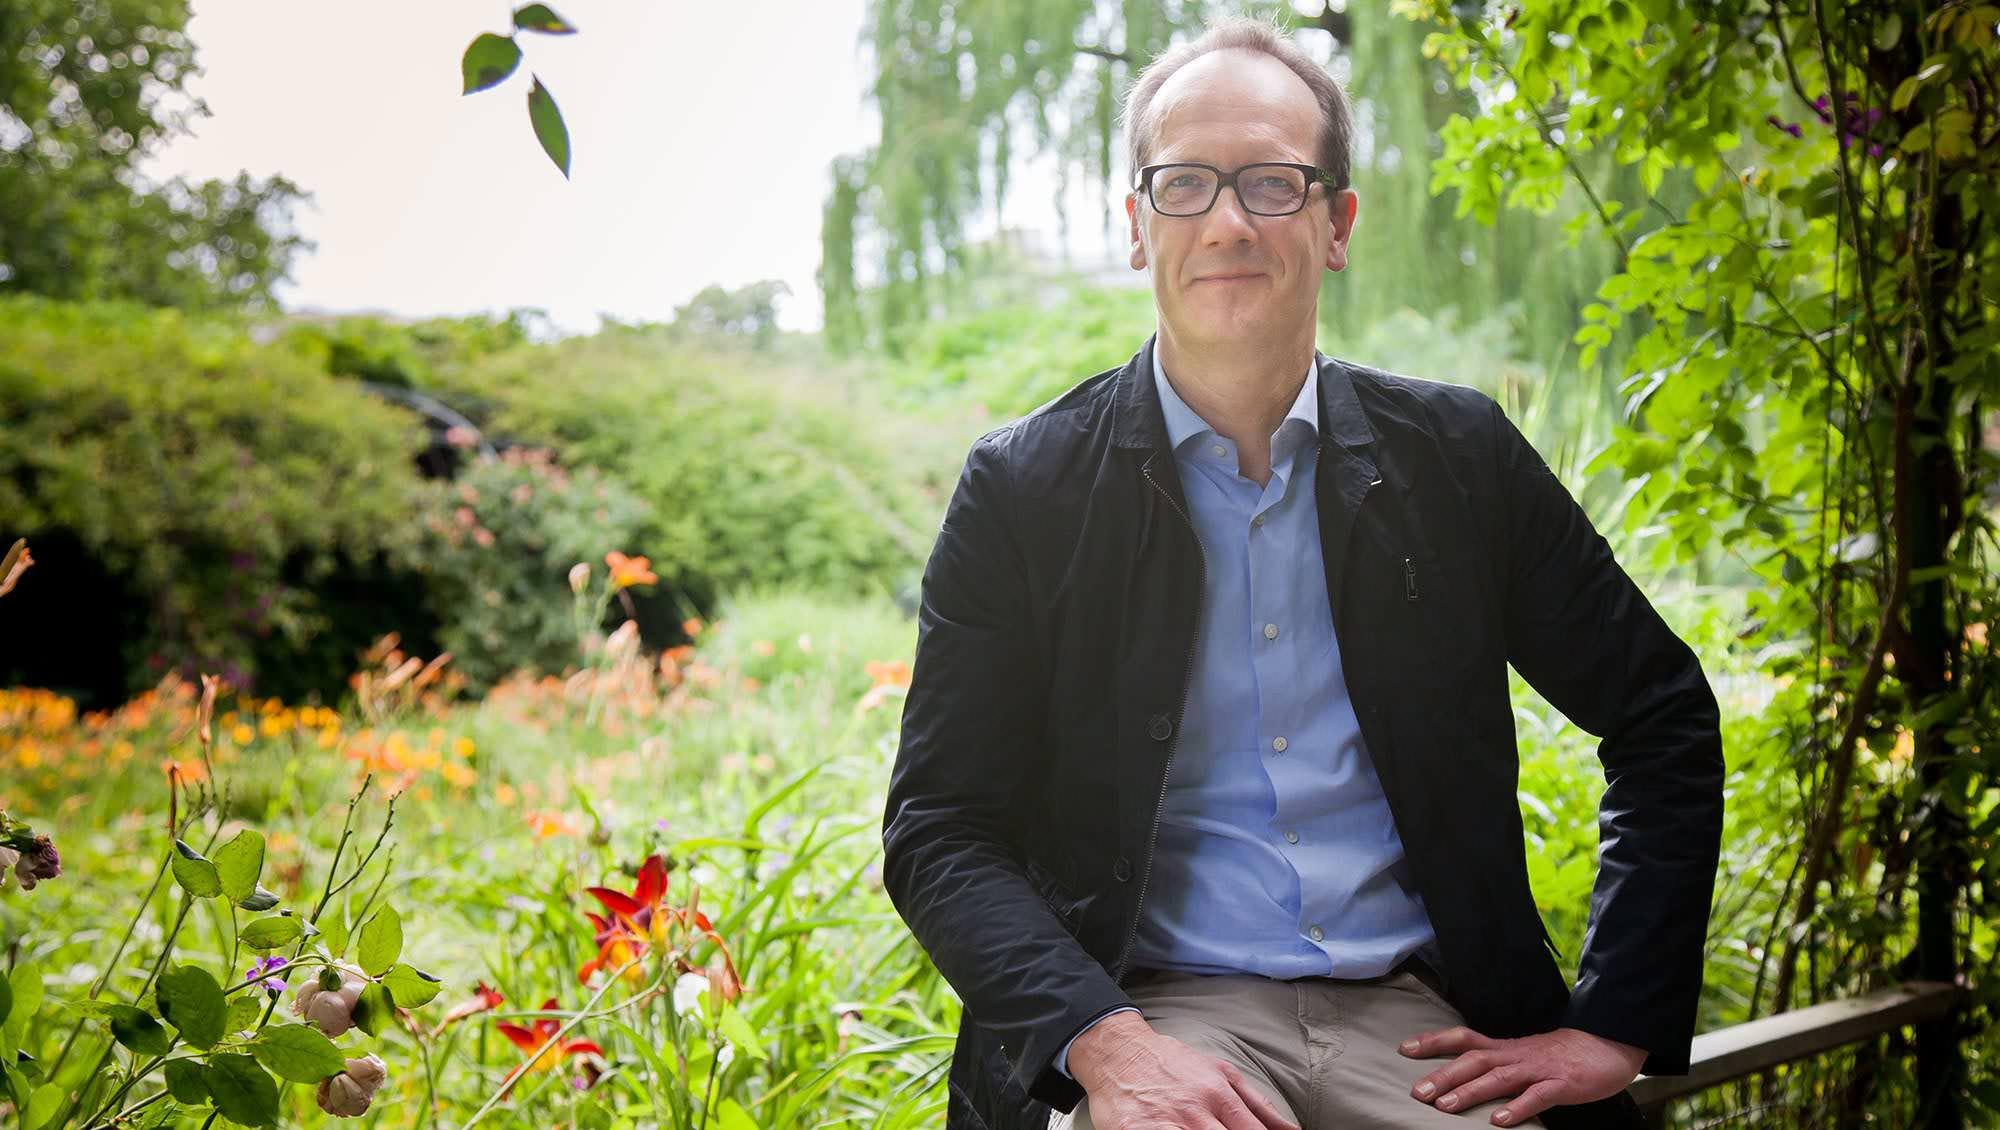 Biotopverbund und die Vernetzung der Grünflächen